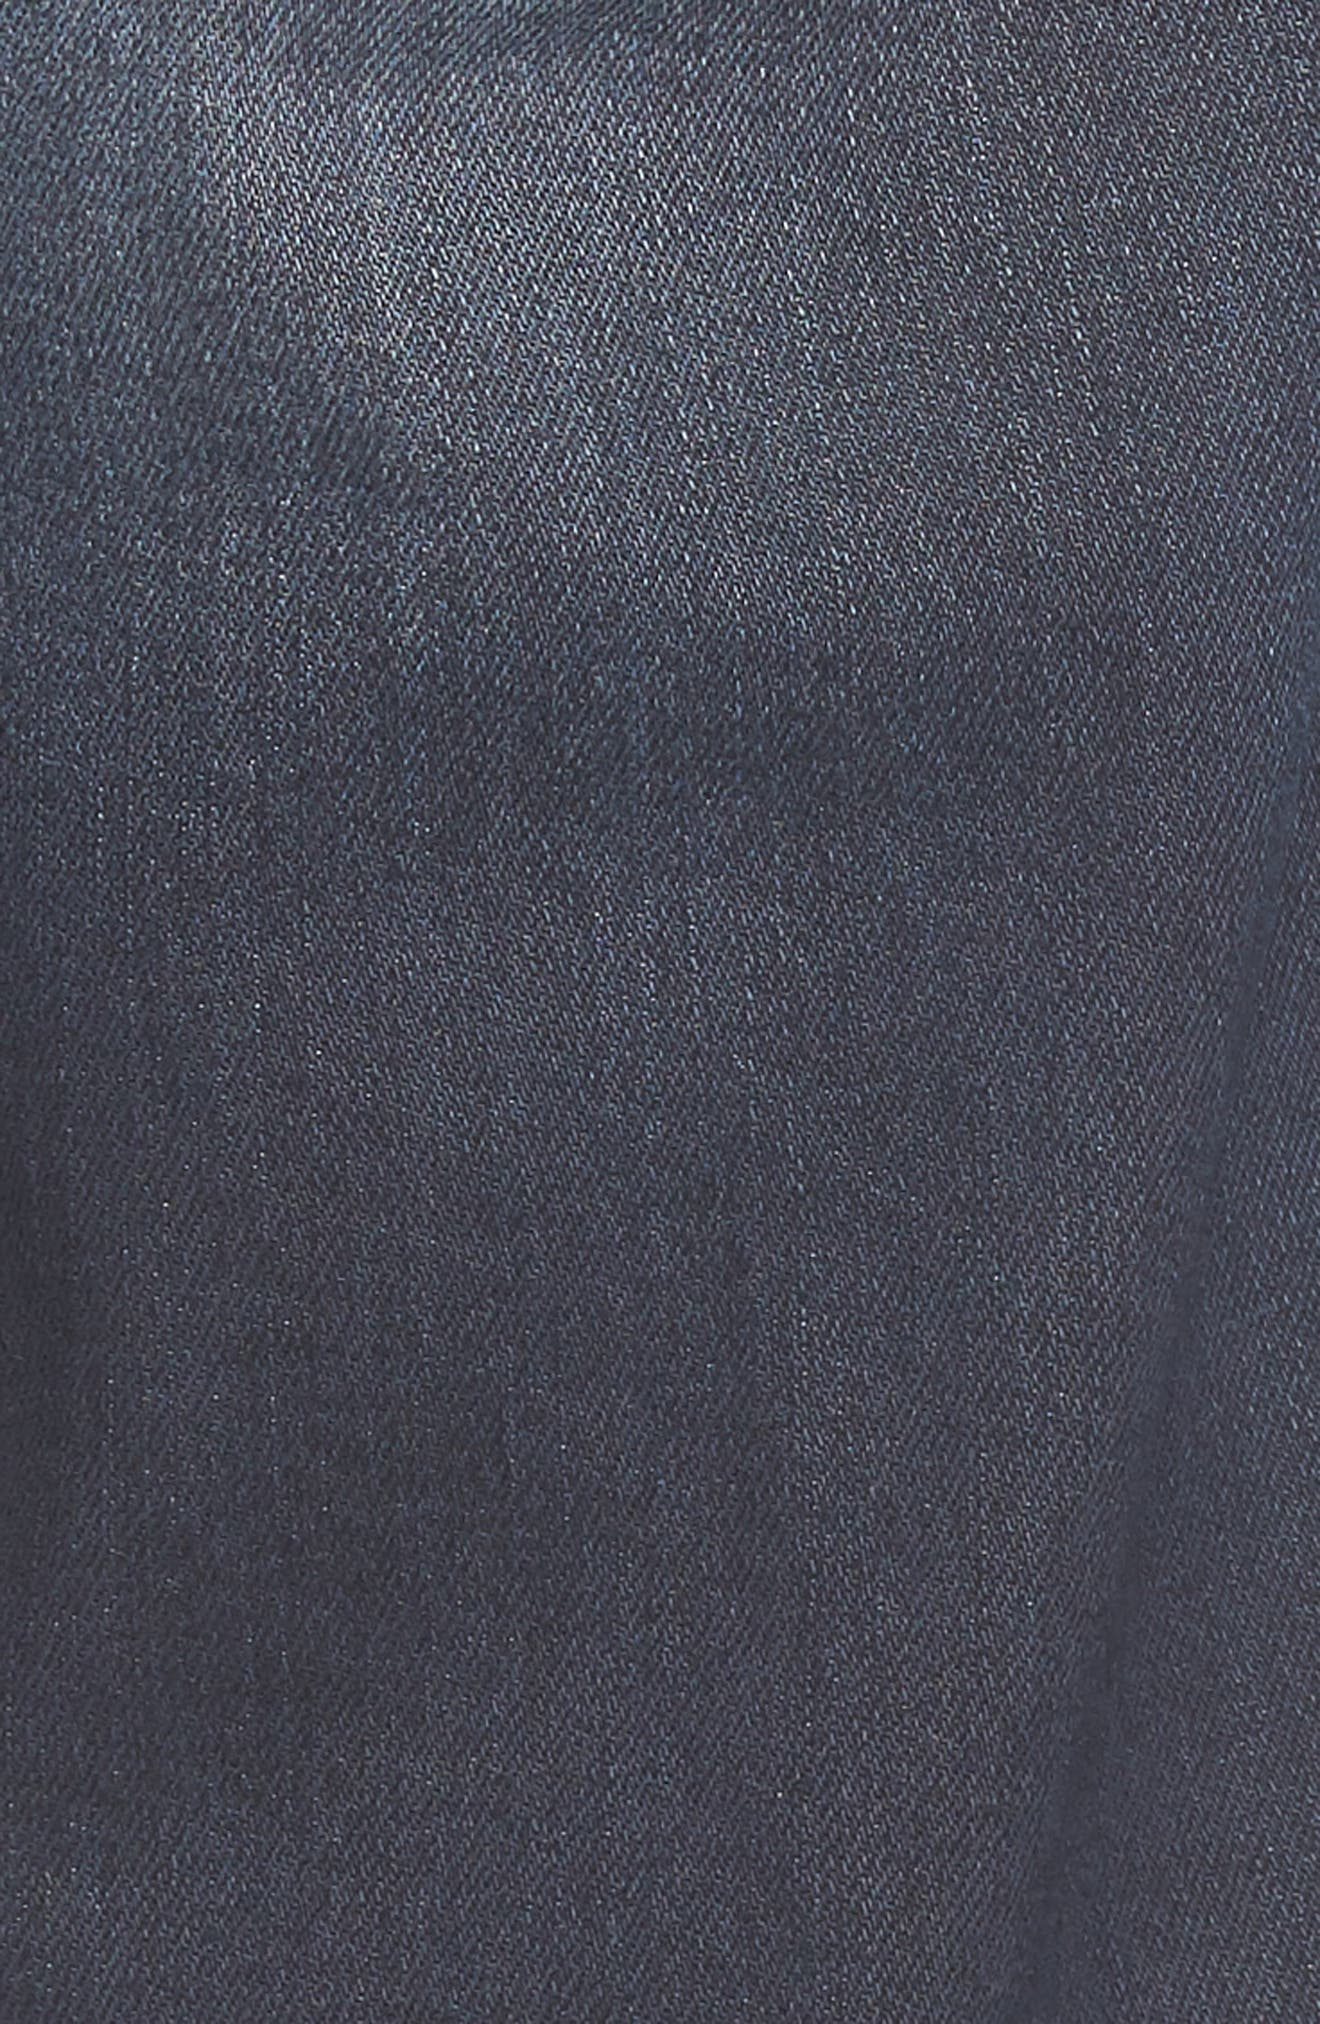 Sleenker Skinny Fit Jeans,                             Alternate thumbnail 5, color,                             400